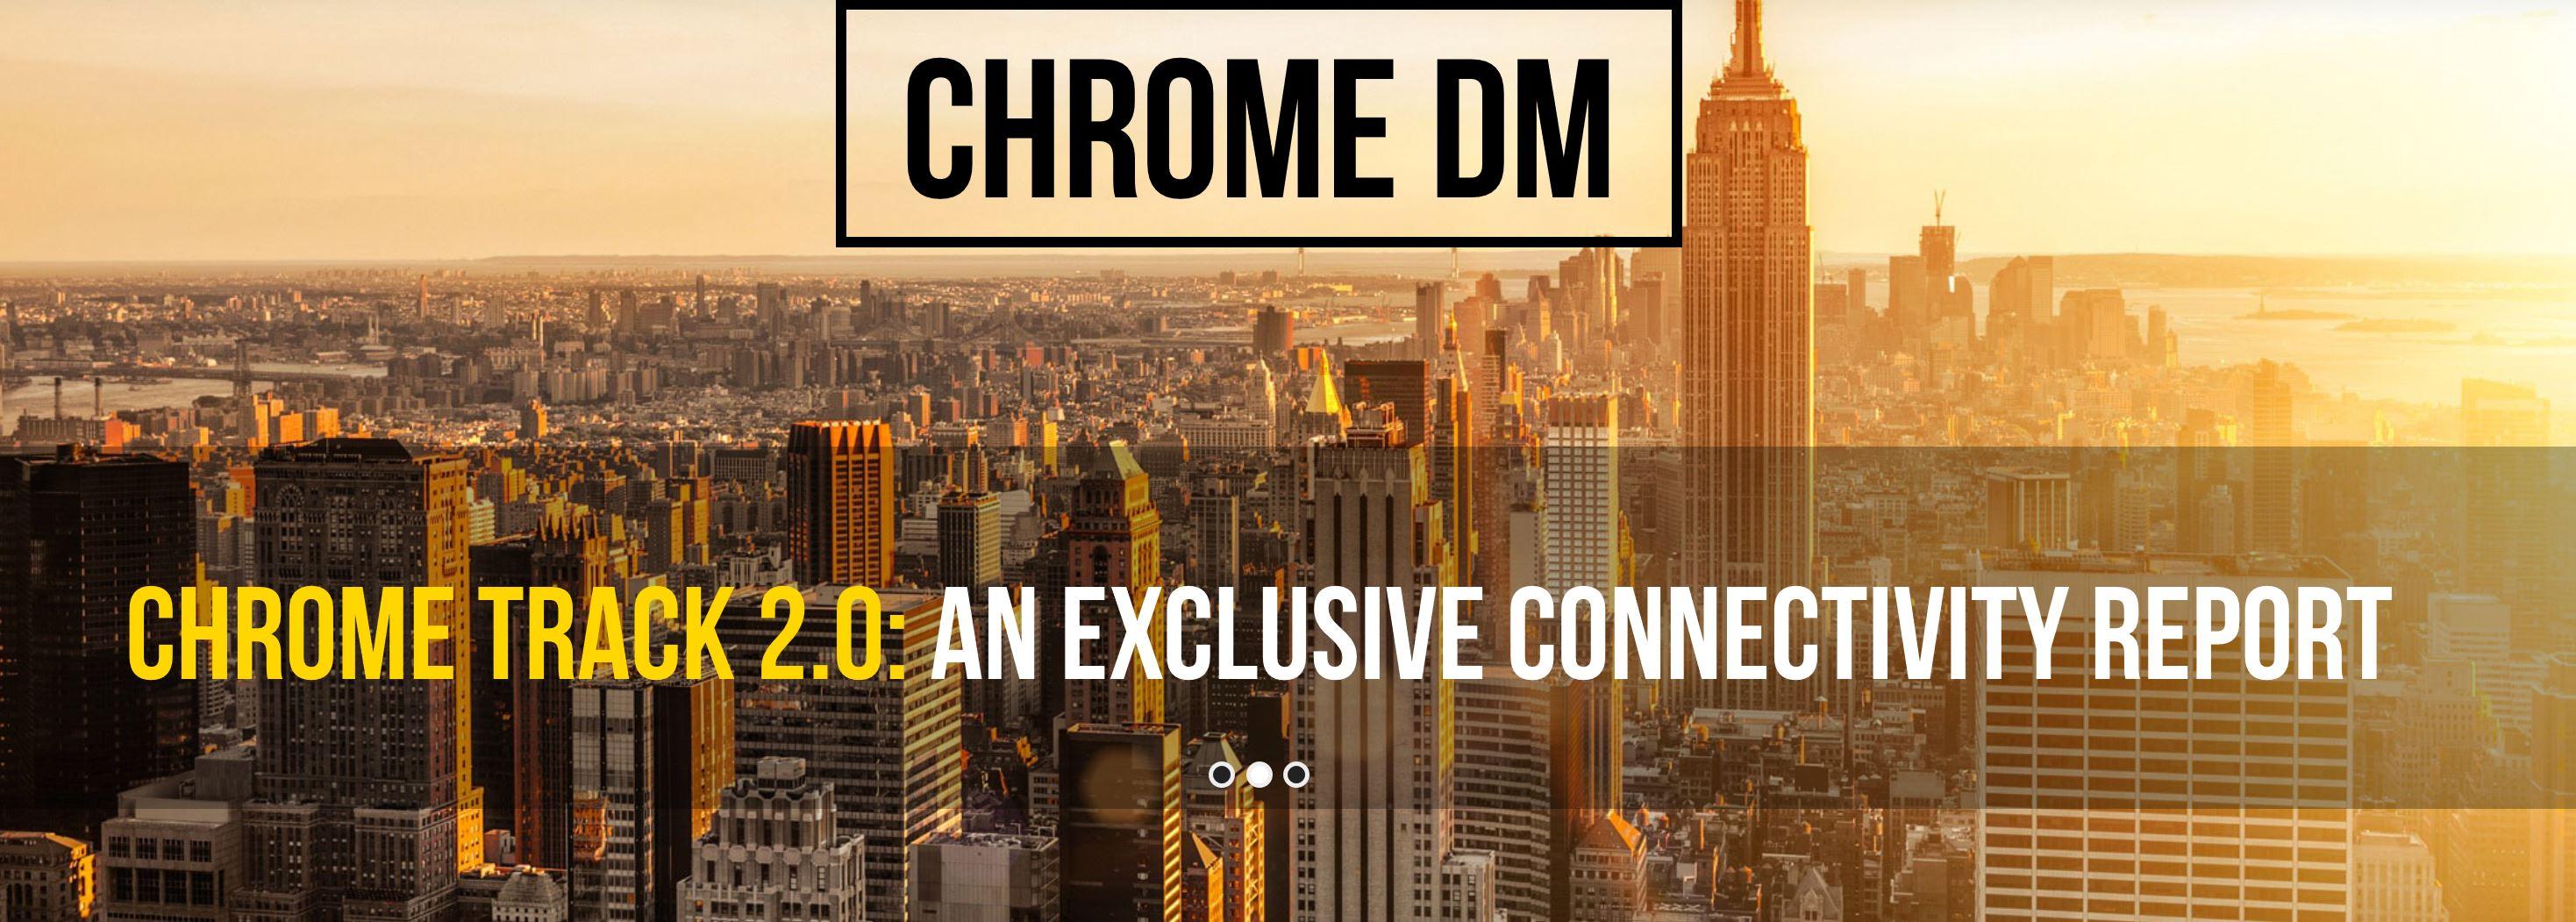 ChromeDM